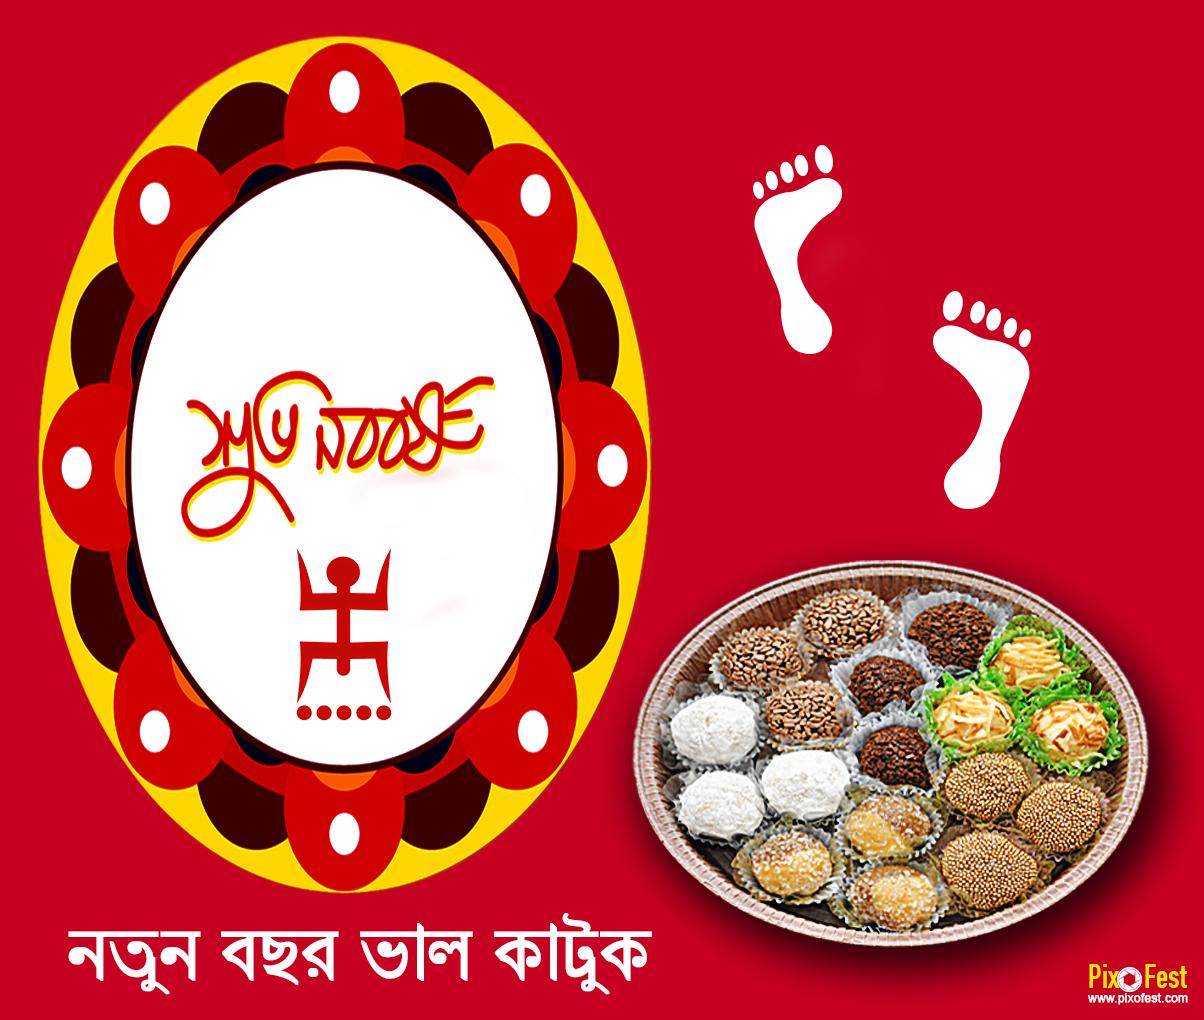 suvho nababarsha_06,subho noboborsho,navabarsha,nababarsha,pohela boishakh,pahela baishakh,bengali new year,newyear in bengali